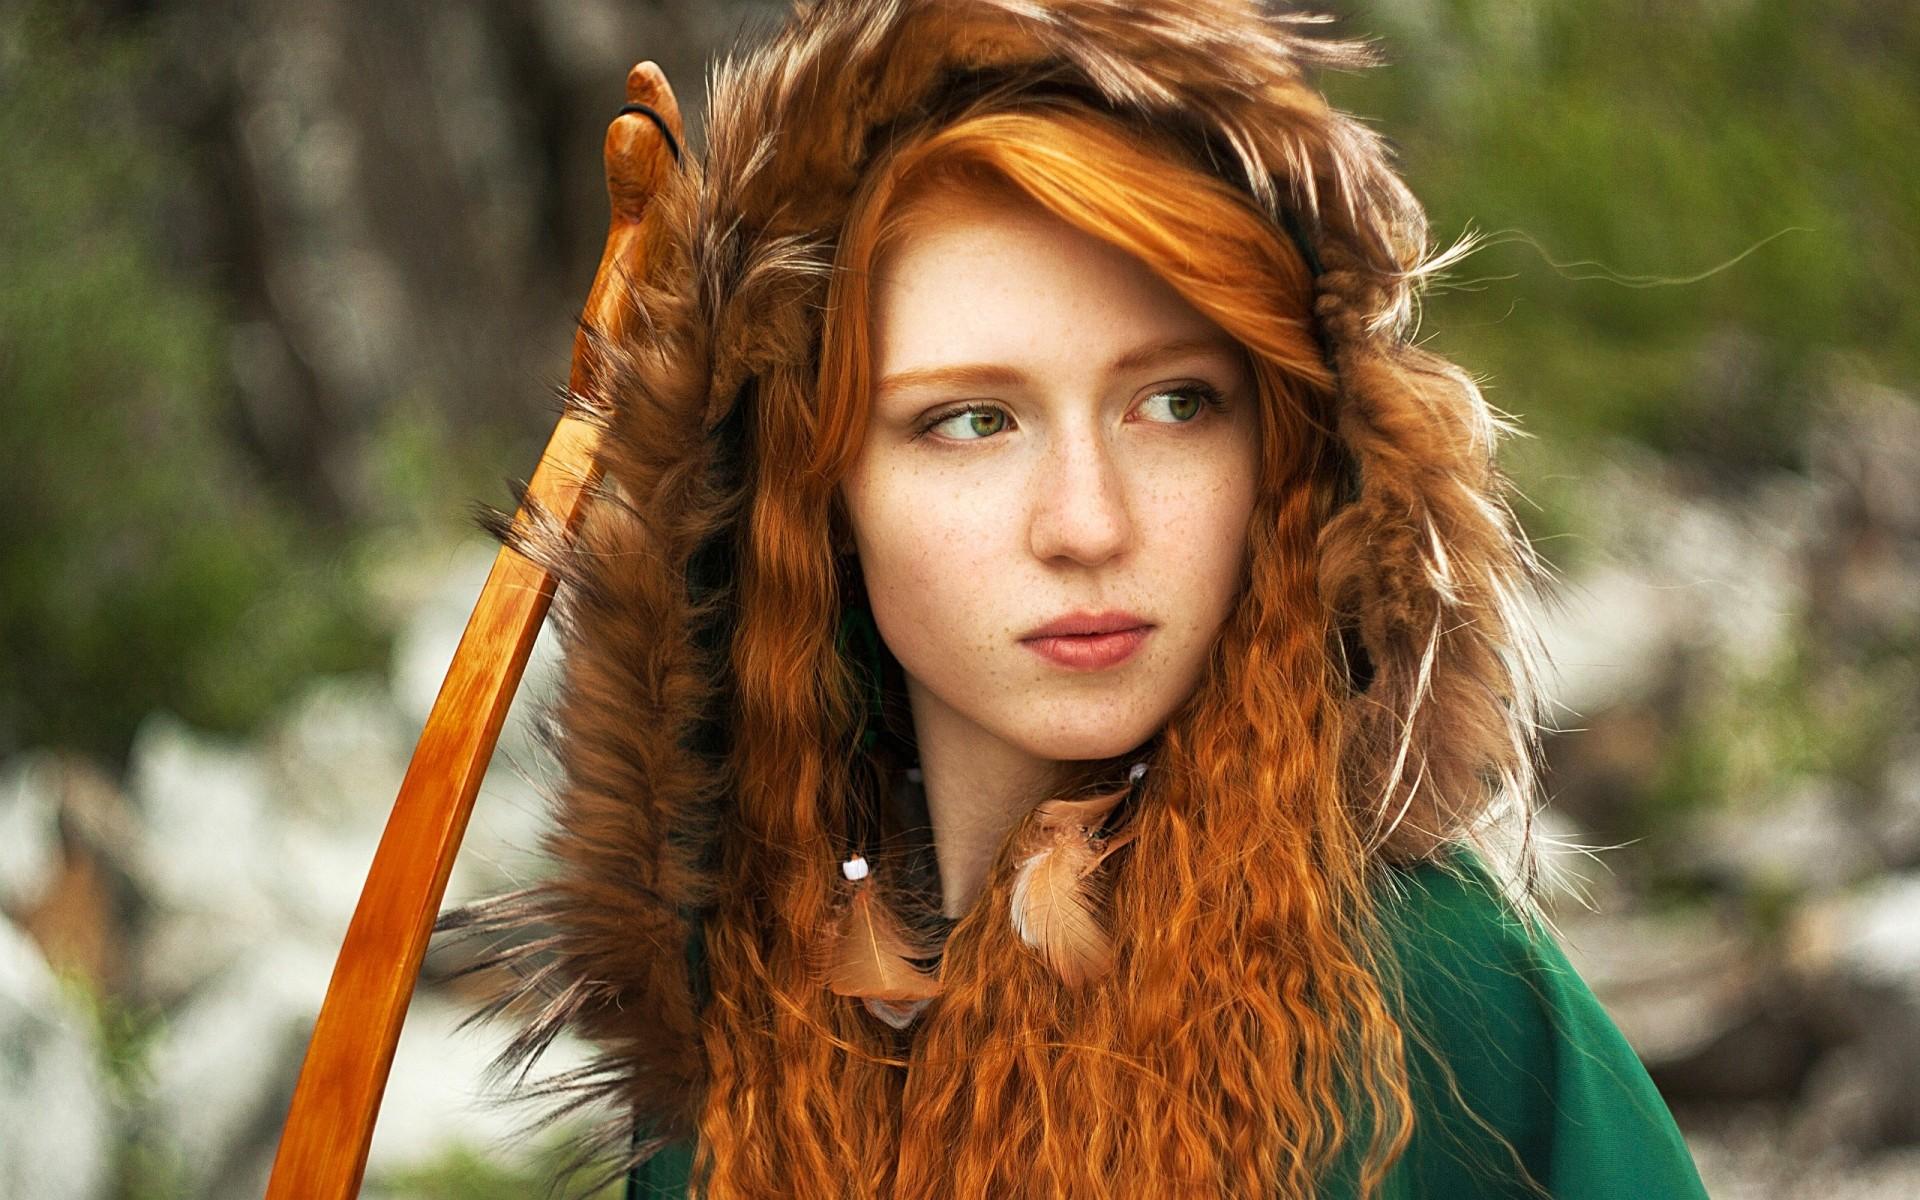 Wallpaper face women outdoors redhead model long hair green